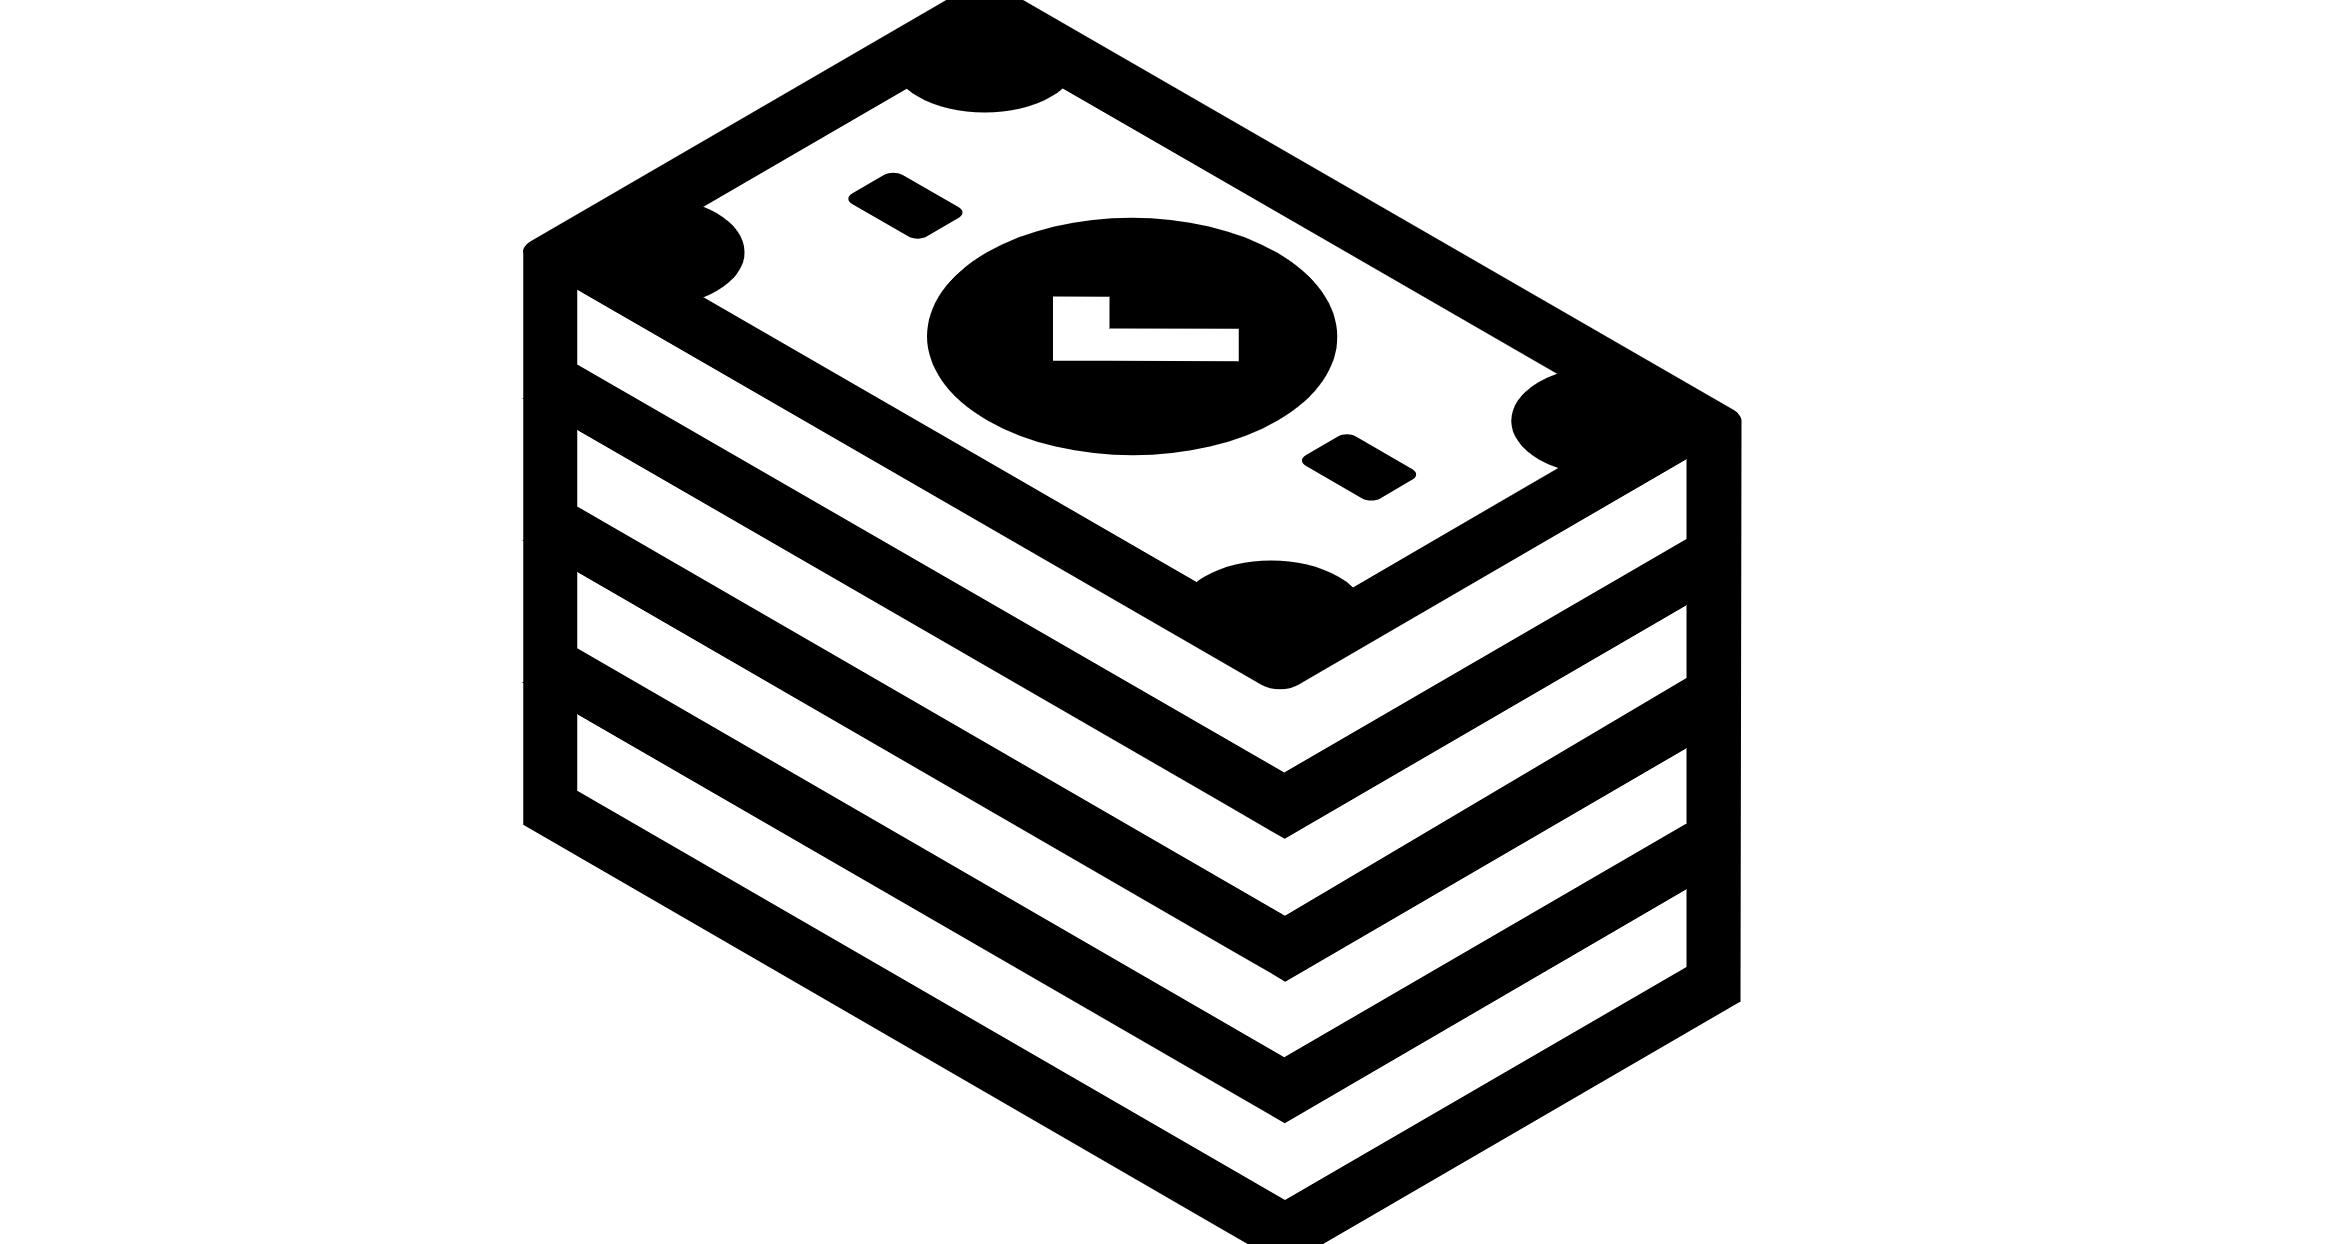 www.usmoneycard.com